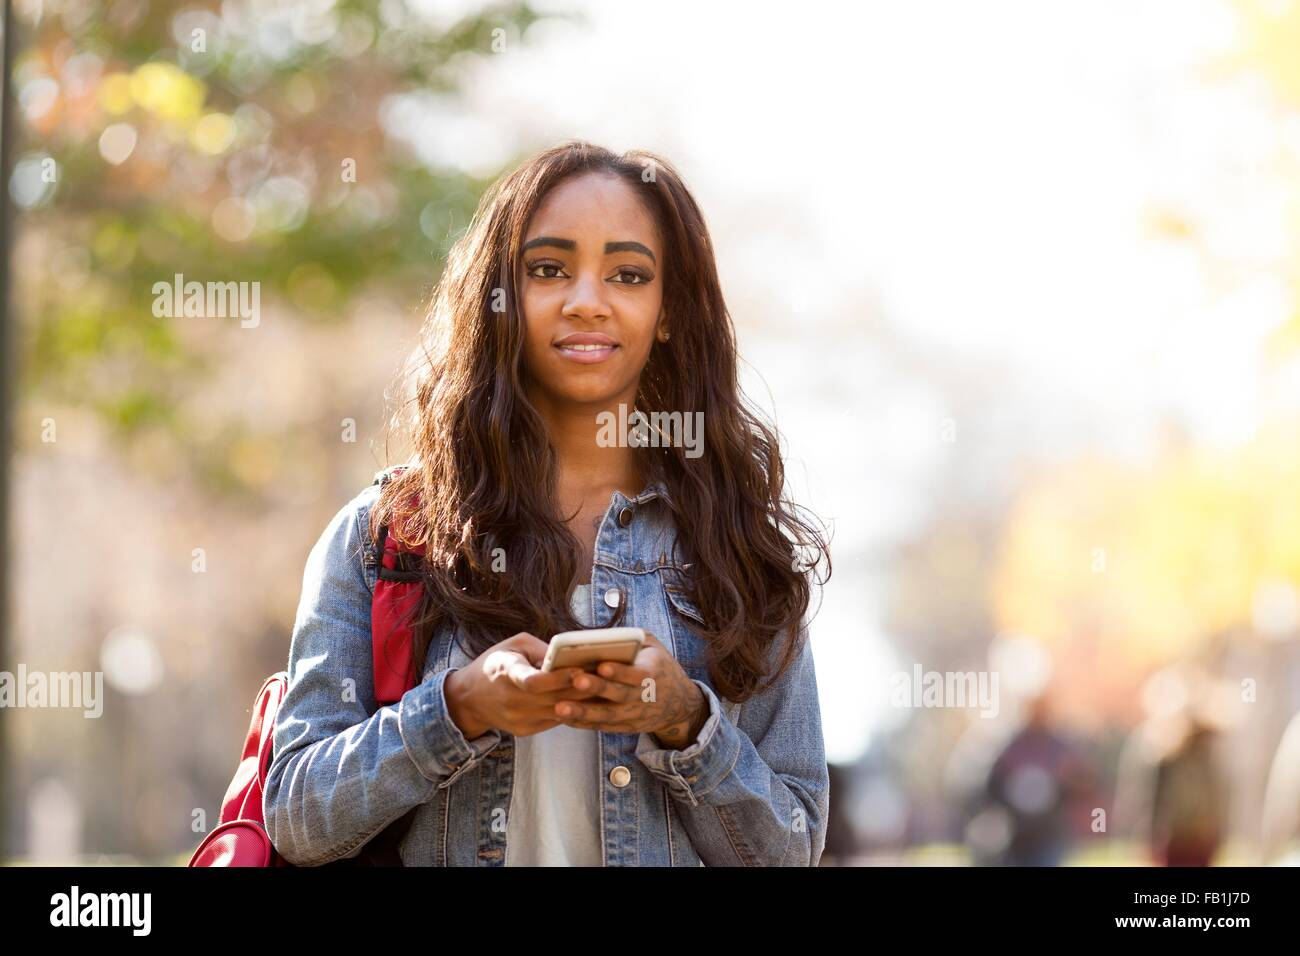 Mujer joven con largo pelo castaño vistiendo chaqueta denim smartphone holding apartar la mirada sonriendo Imagen De Stock